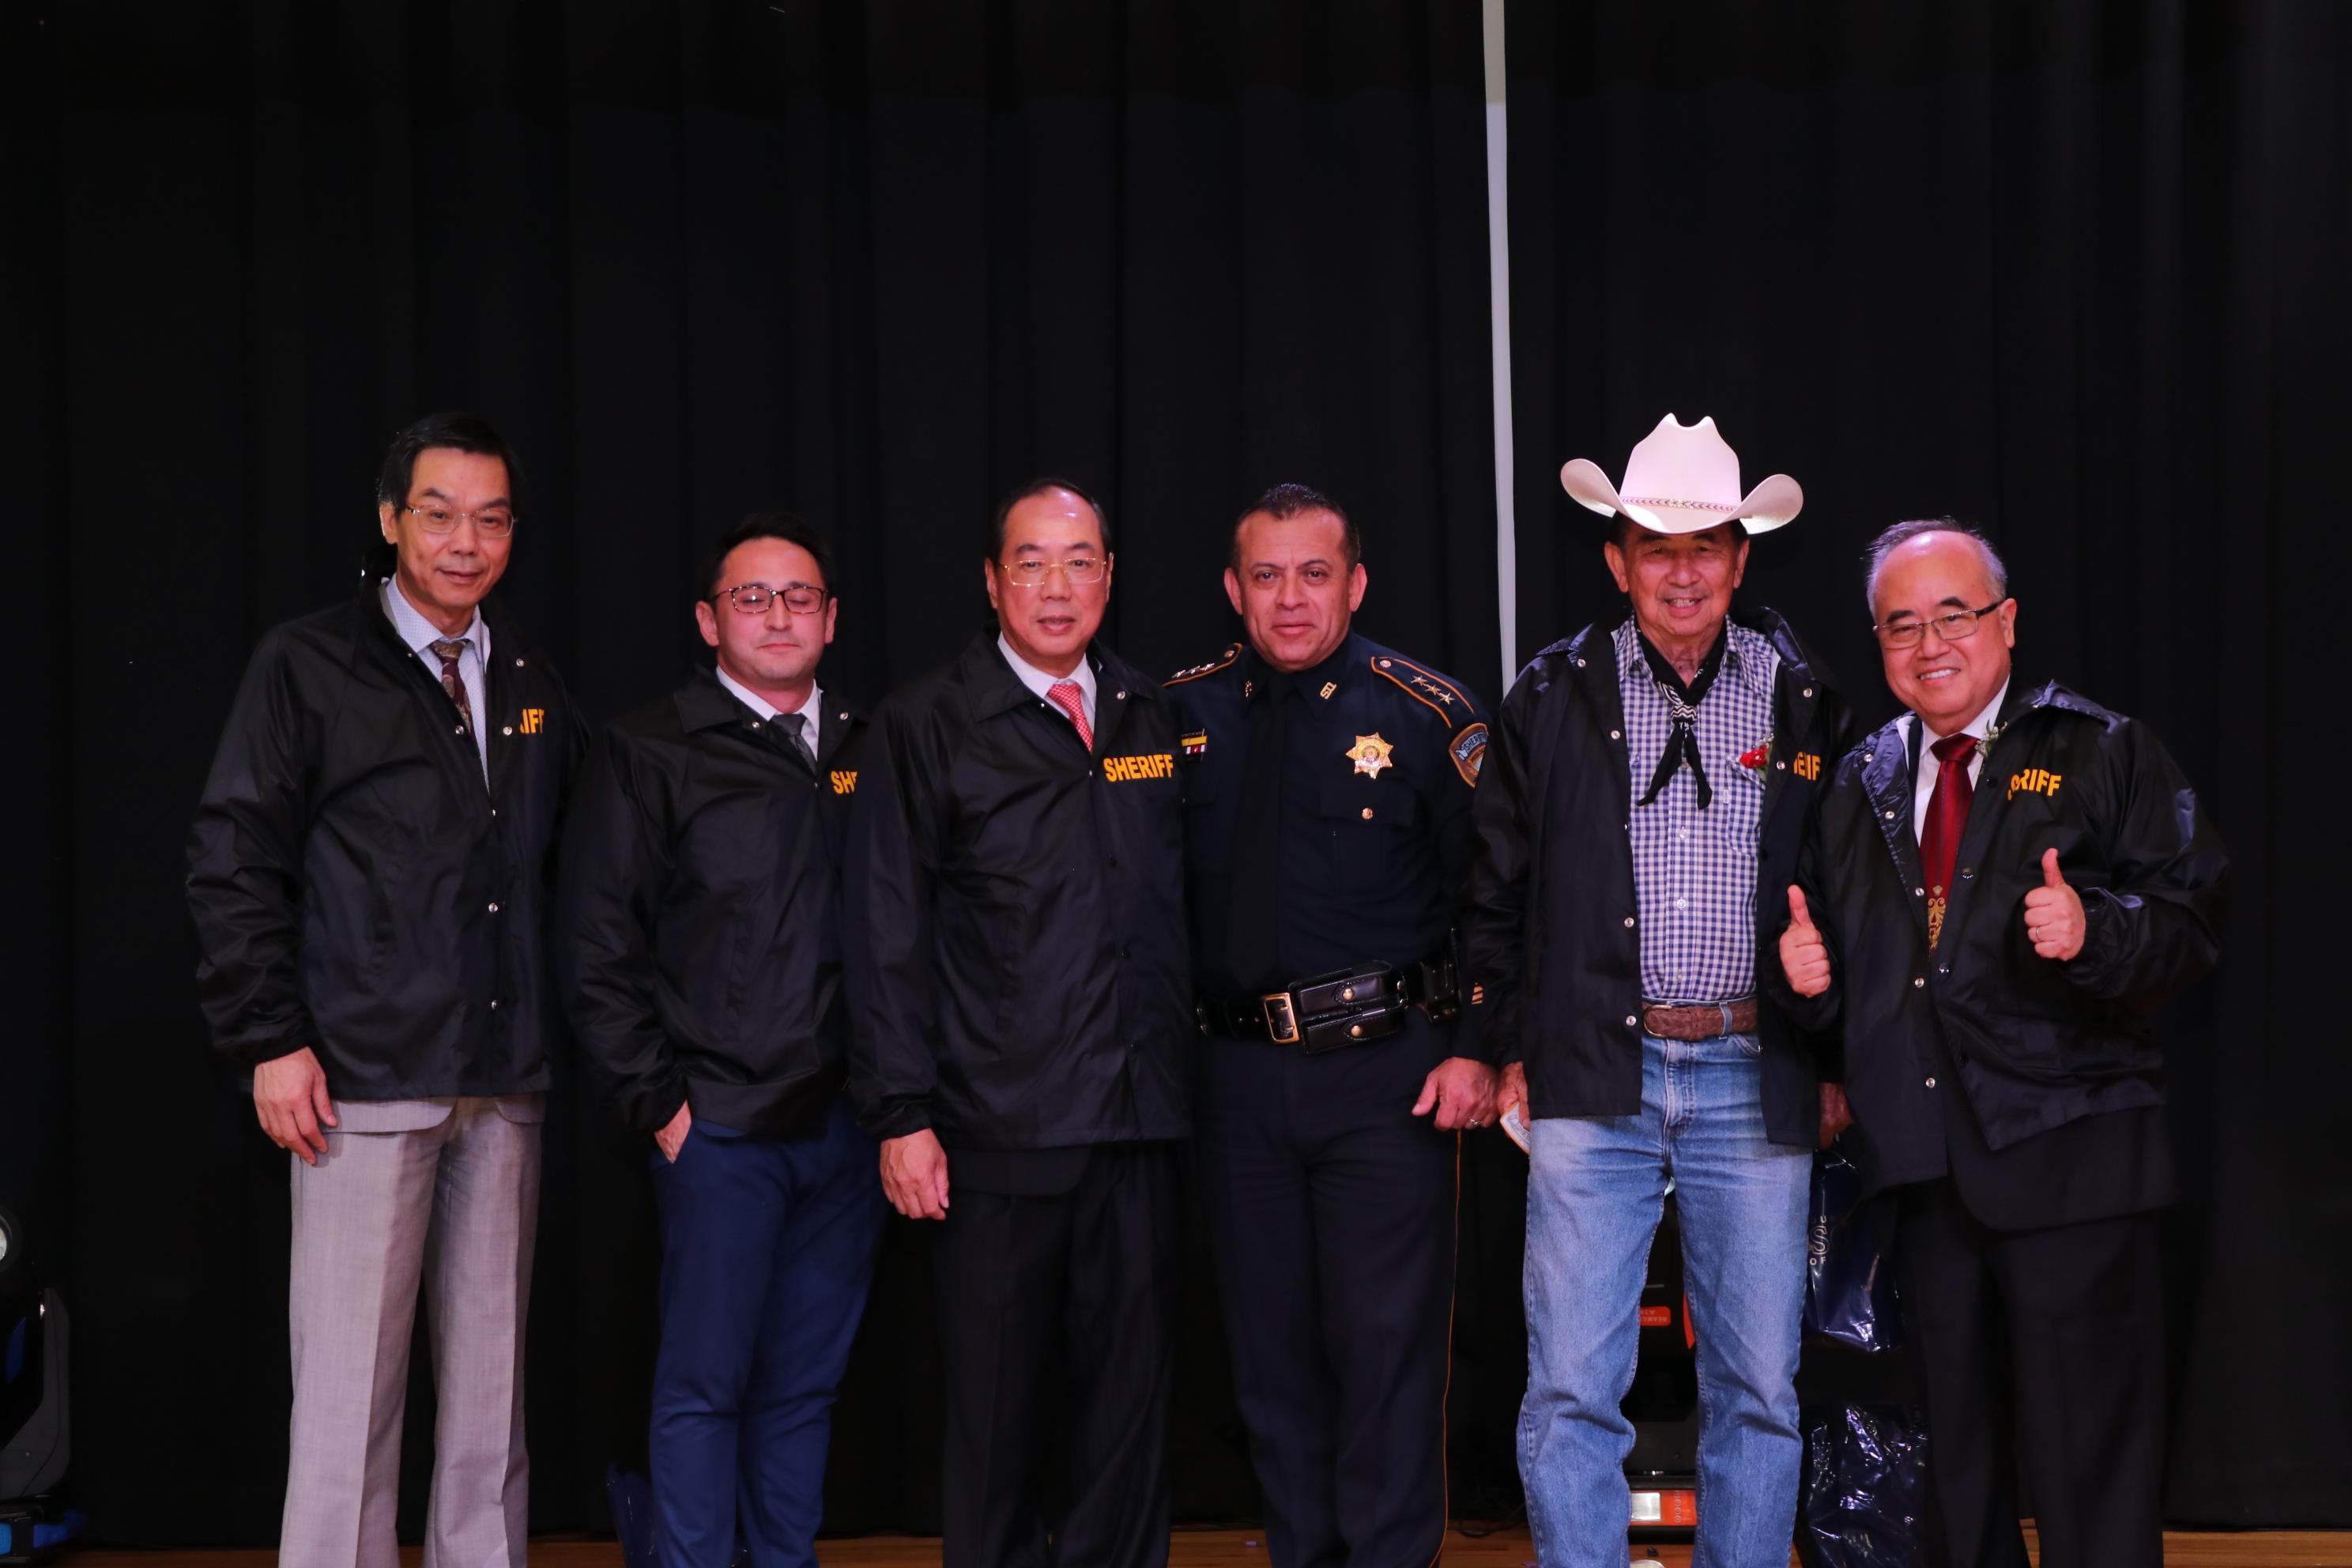 西南管理區區長李雄(右一)等對警方貢獻良多,獲哈瑞斯縣警方頒贈警用外套一件。